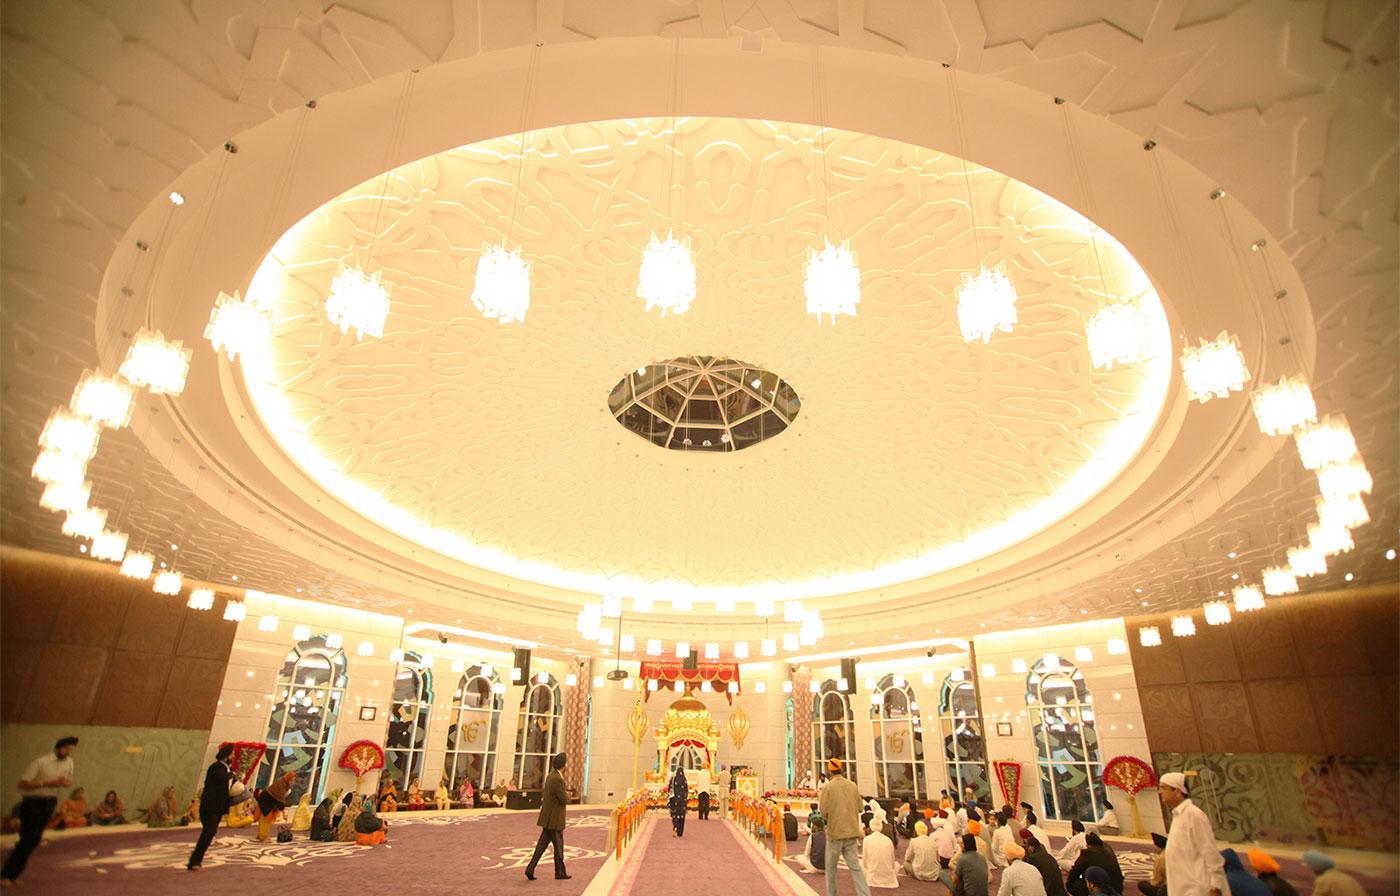 Interior architecture of Gurdwara Guru Nanak Darbar.